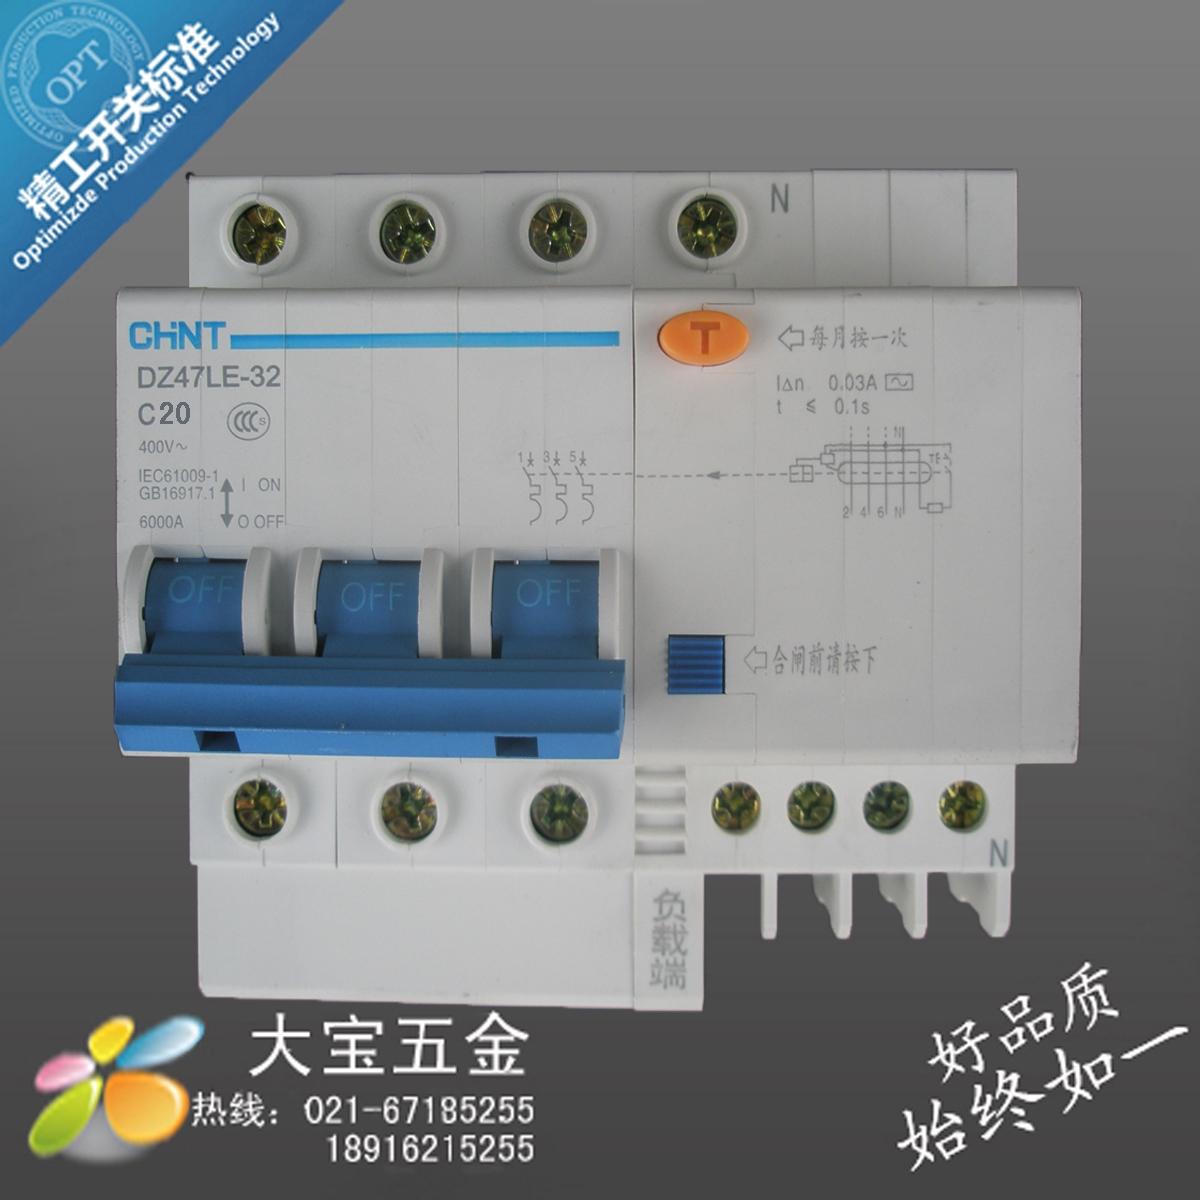 Автоматический выключатель дифференциального тока CHINT dz47le прерывателя утечки тока